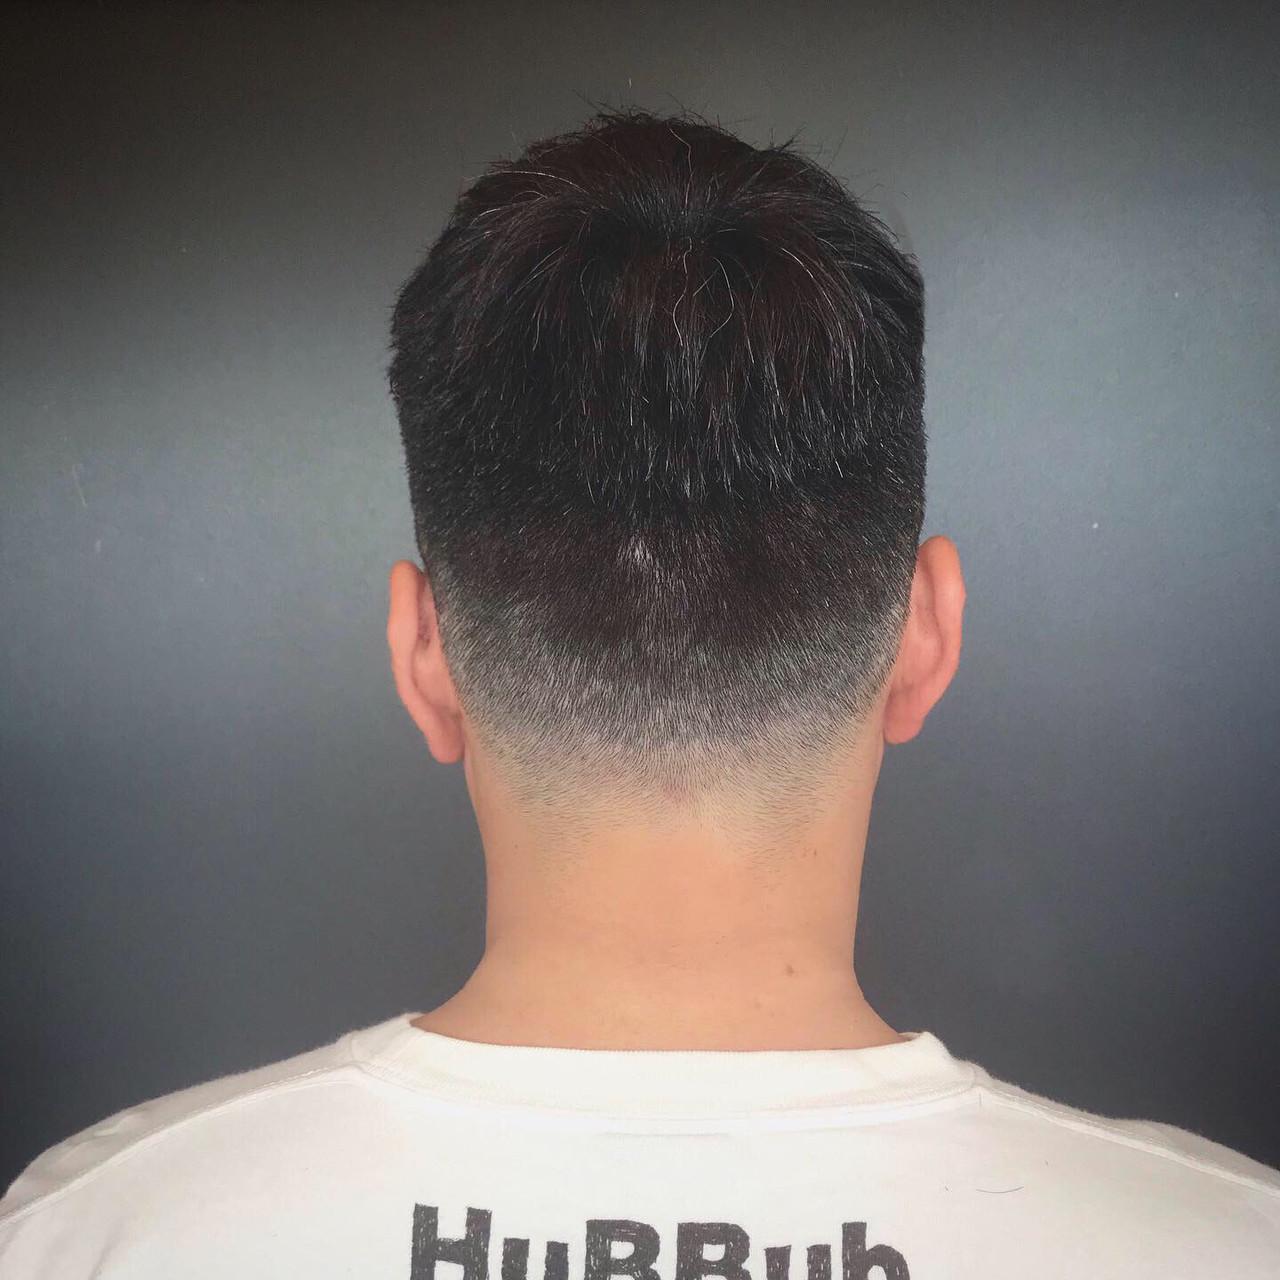 ストリート スポーツ フェードカット スキンフェード ヘアスタイルや髪型の写真・画像